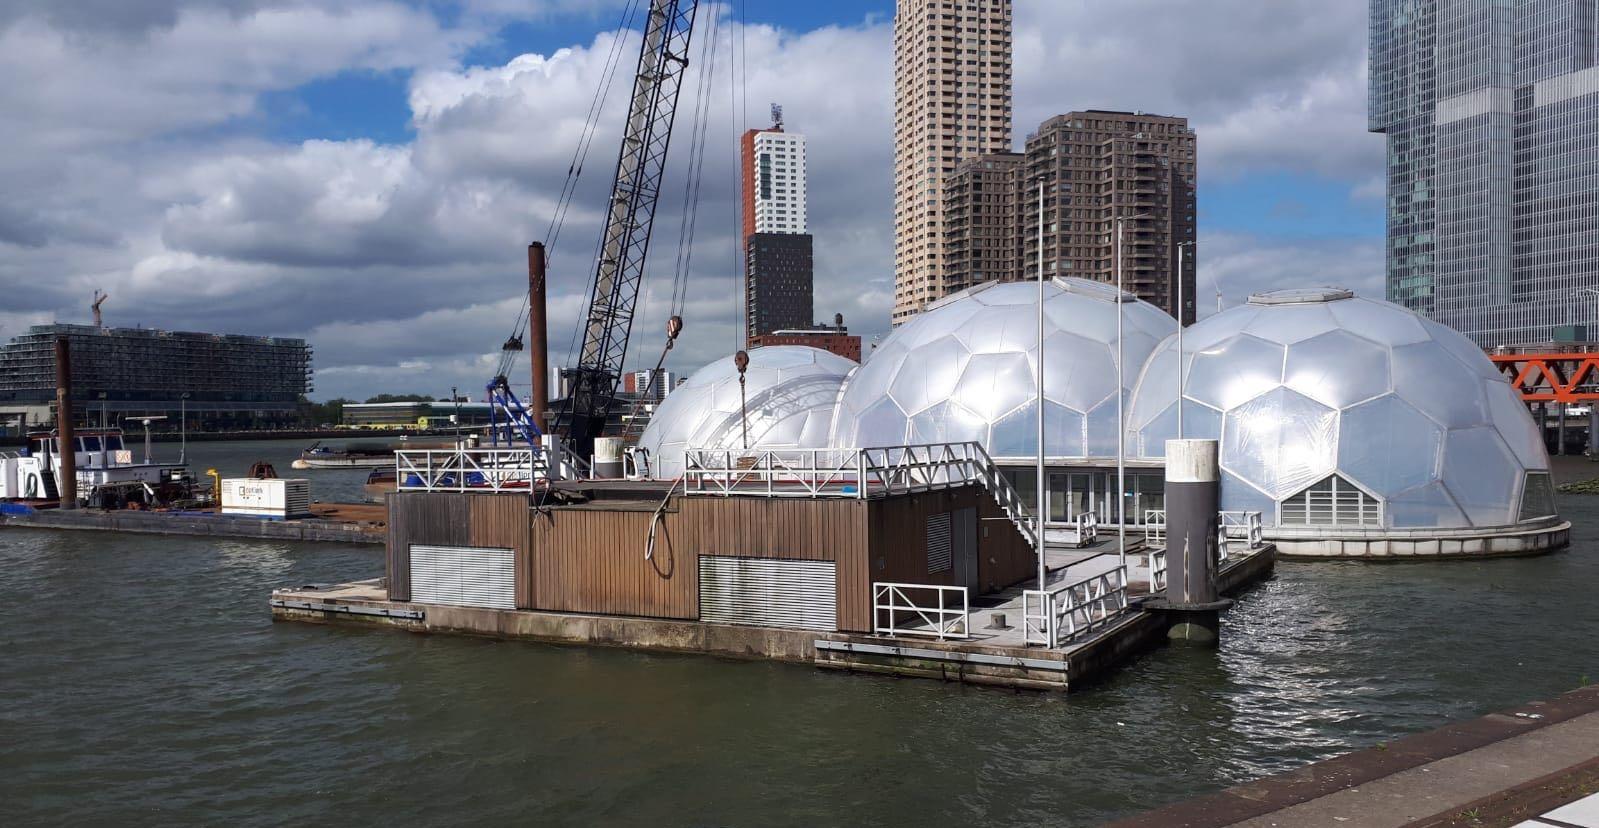 Drijvend Paviljoen wordt verplaatst